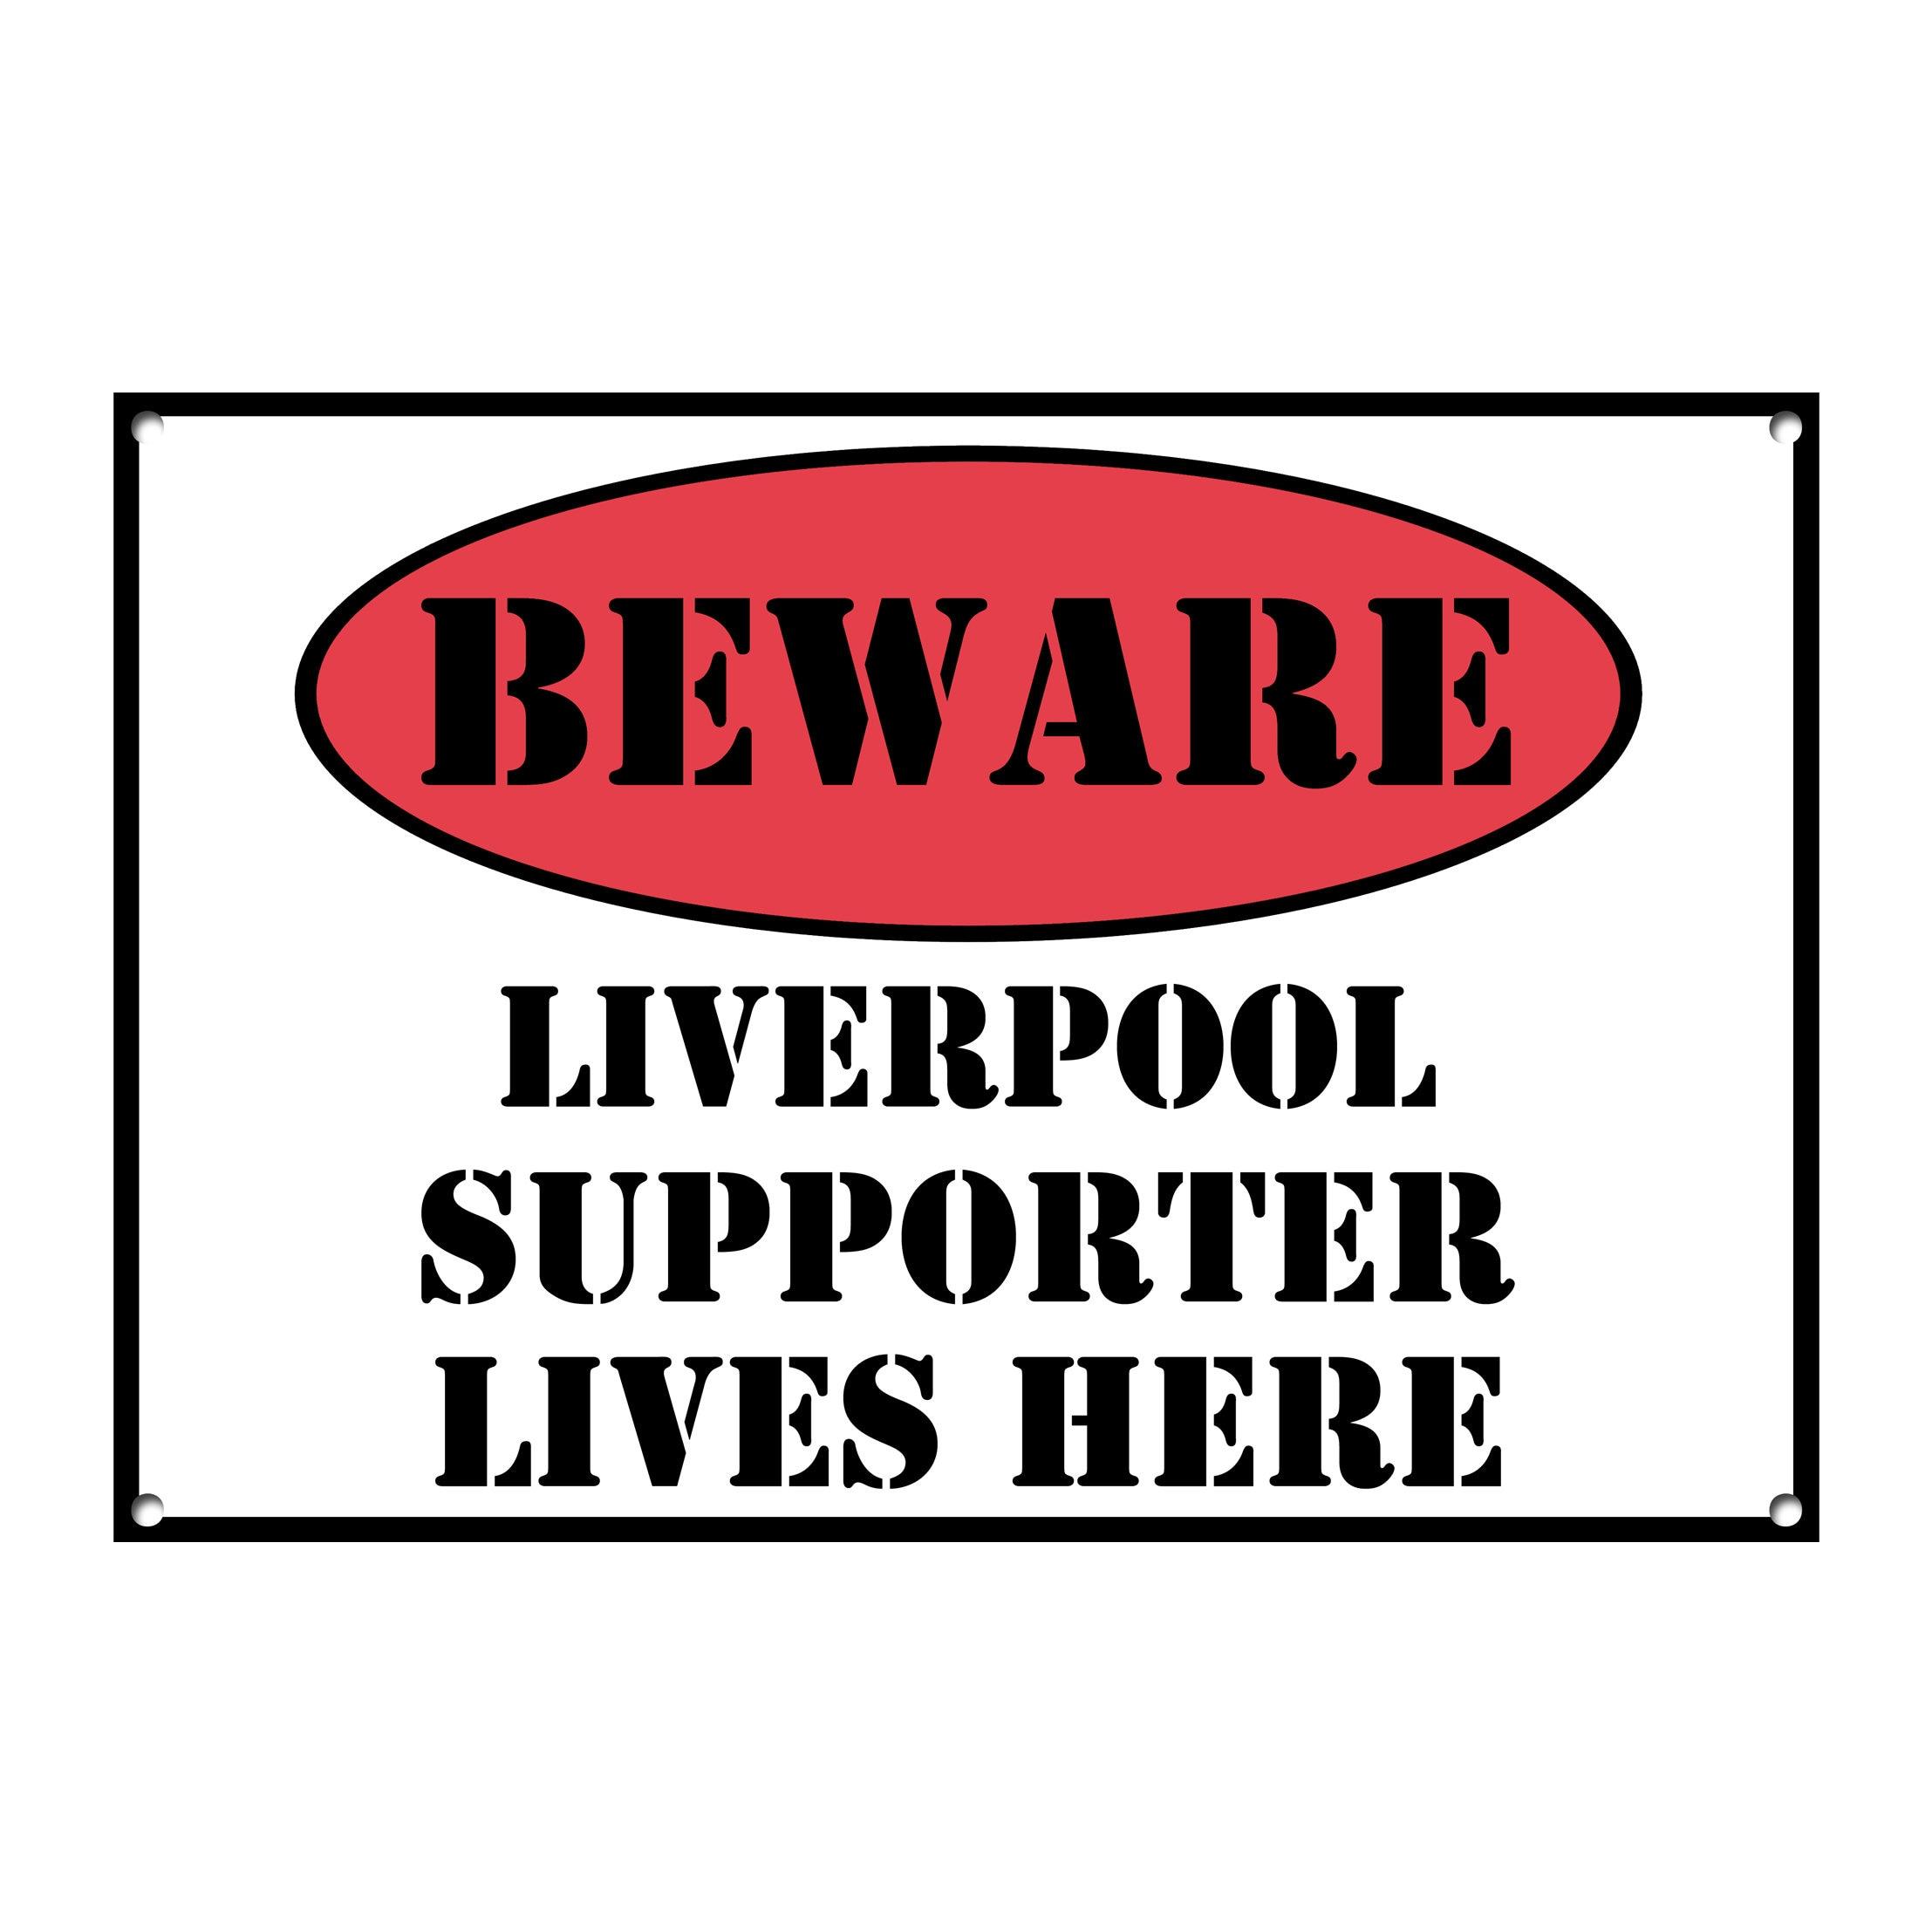 plaque 400 Magnet pour le frigo avec trous cl/ôture Beware Liverpool Supporter Lives Here Panneau en m/étal 20,3 x 7,6 cm Rouge//bleu//beige style vintage mural porte 8x3 Red//Blue//Beige